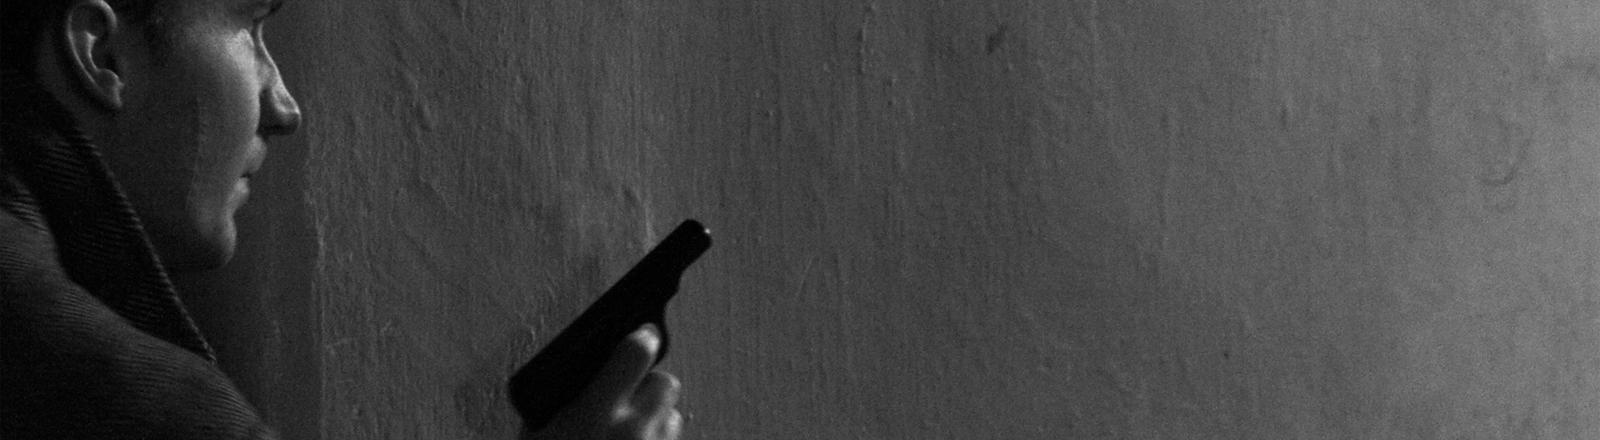 Ein Mann mit Pistole lugt um die Ecke.